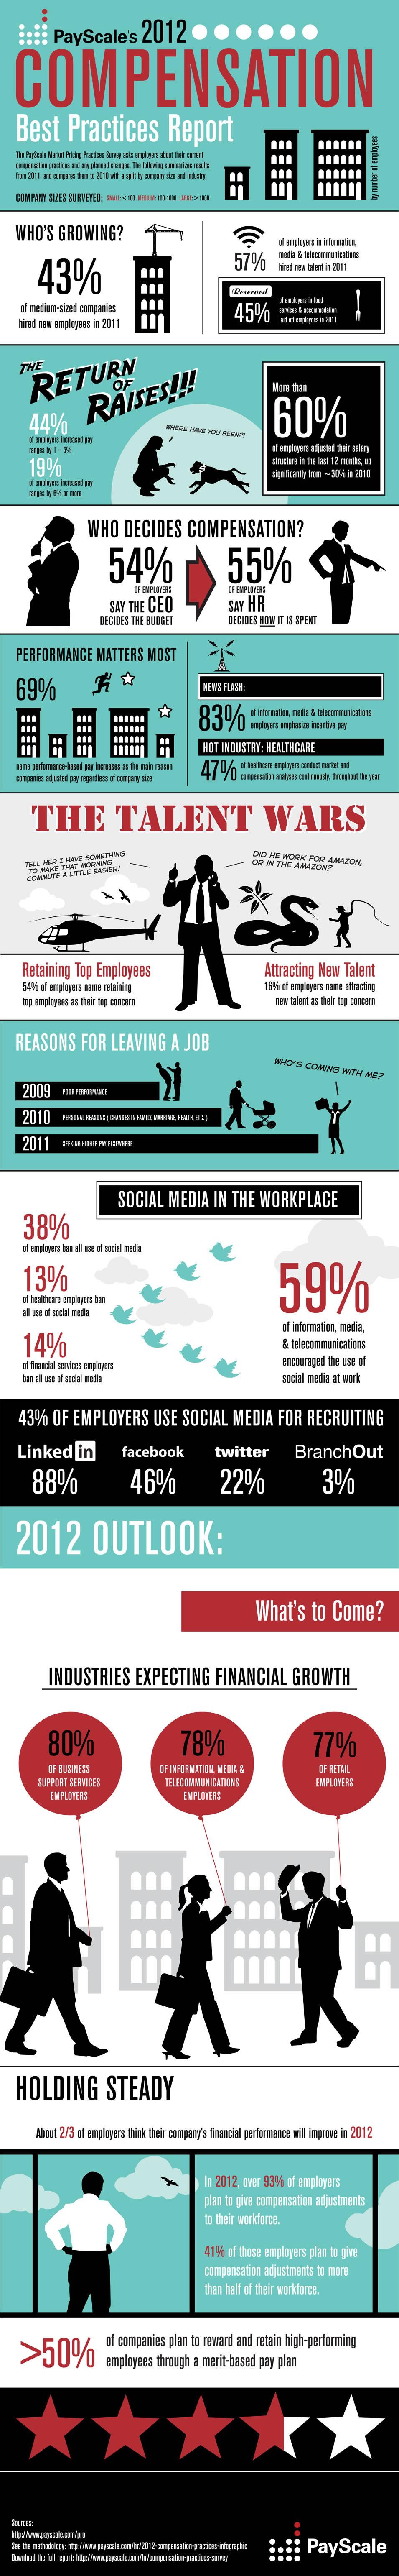 Compensation-Survey-2012-infographic